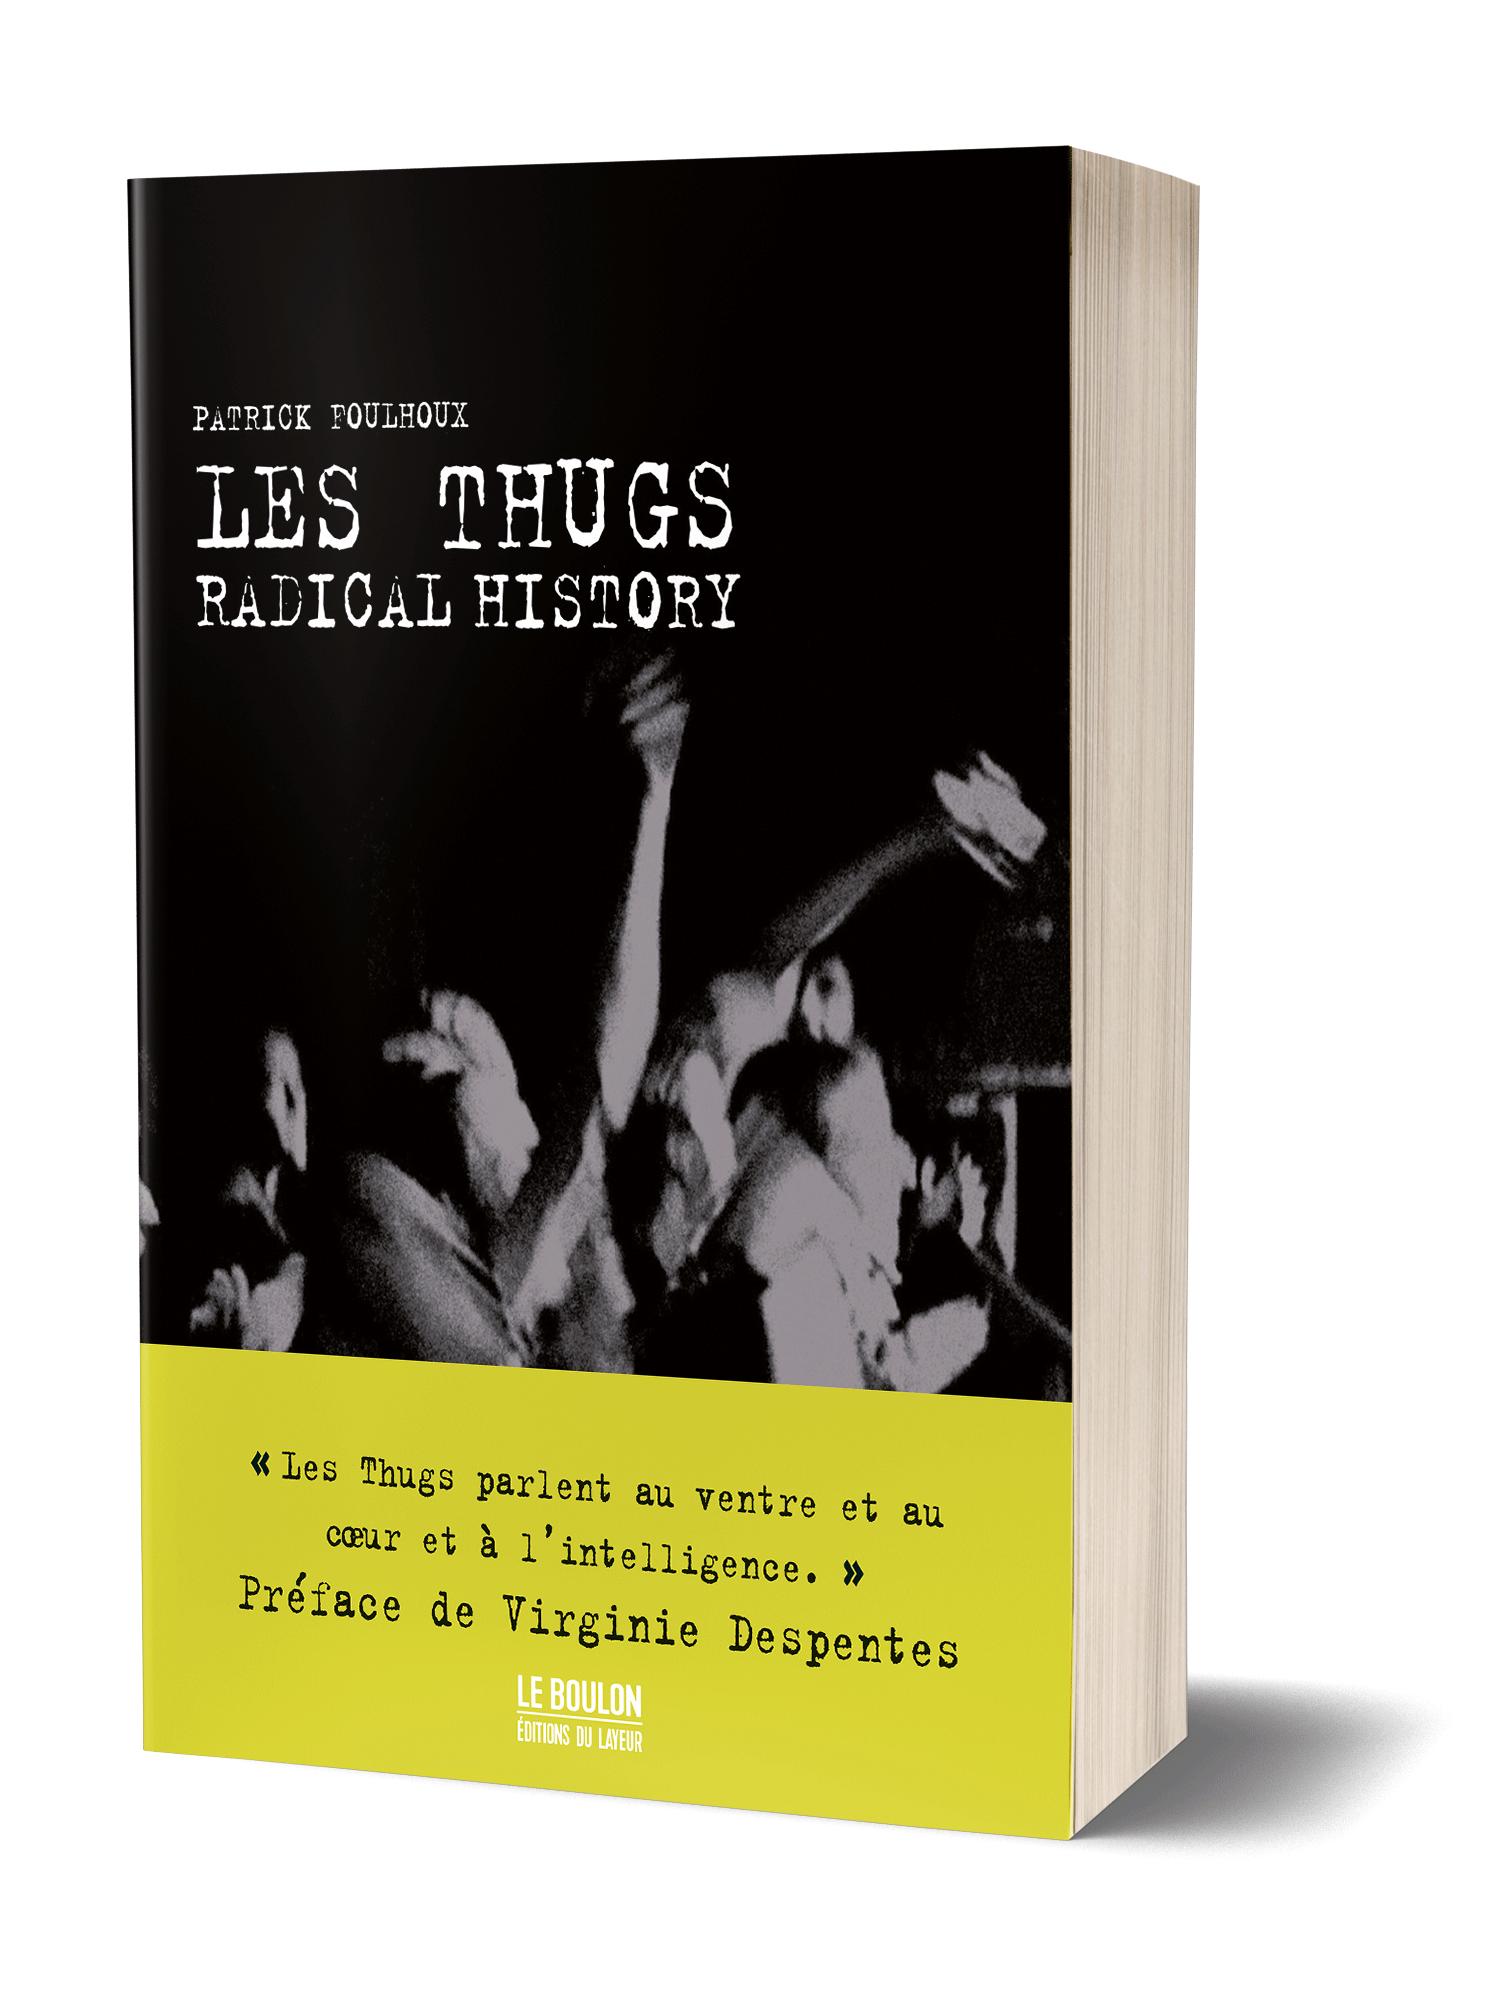 Les Thugs - Radical History - le boulon